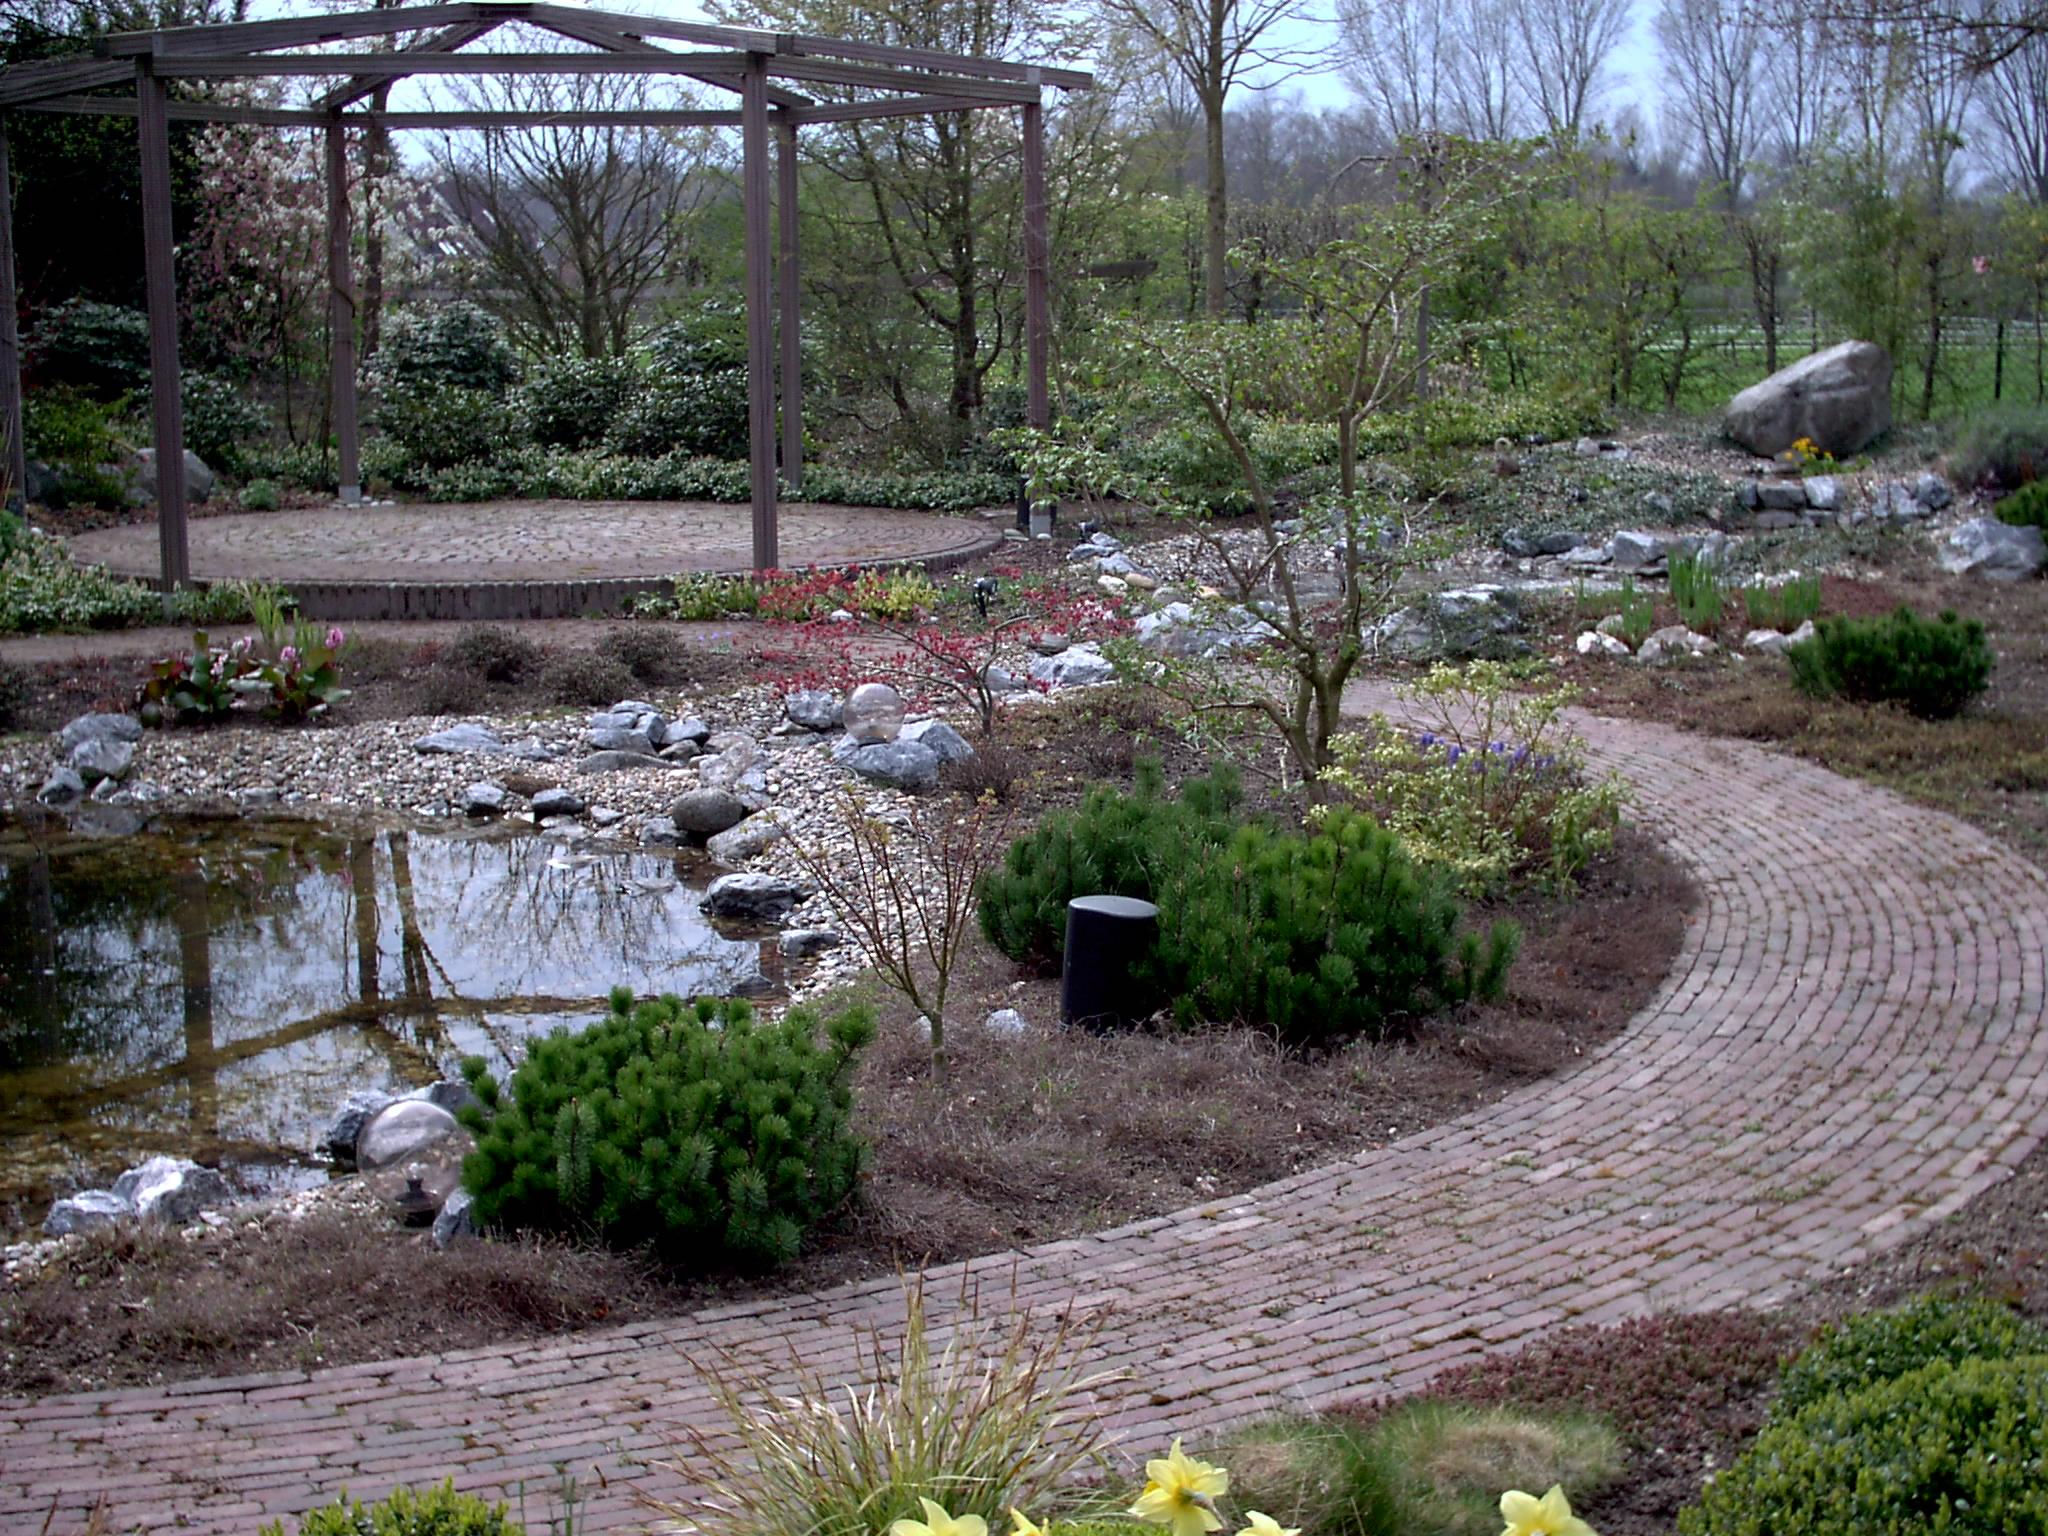 Japanische Gärten Gartenbau Düsseldorf Nrw